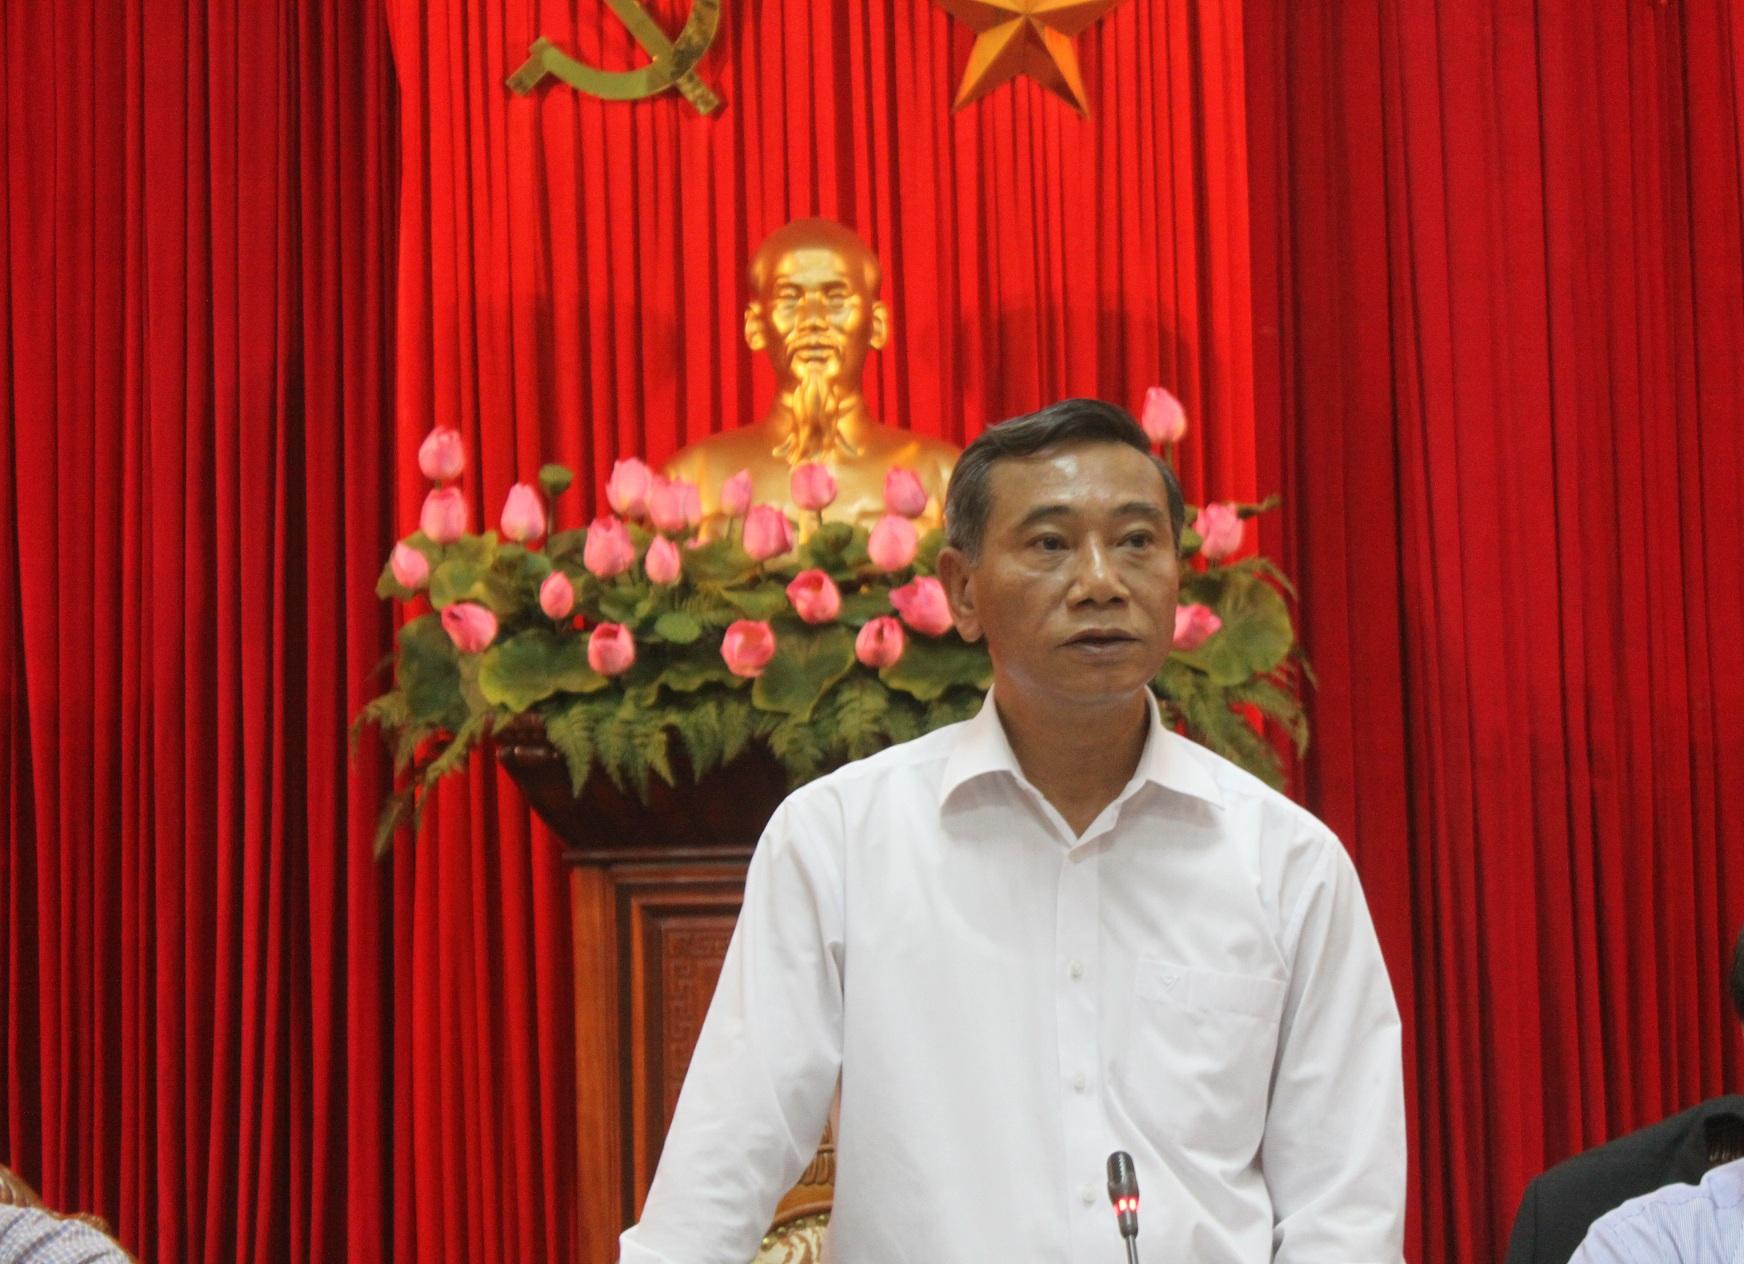 Chủ tịch quận Ba Đình: Không có chuyện dỡ bỏ chợ Thành Công - Ảnh 1